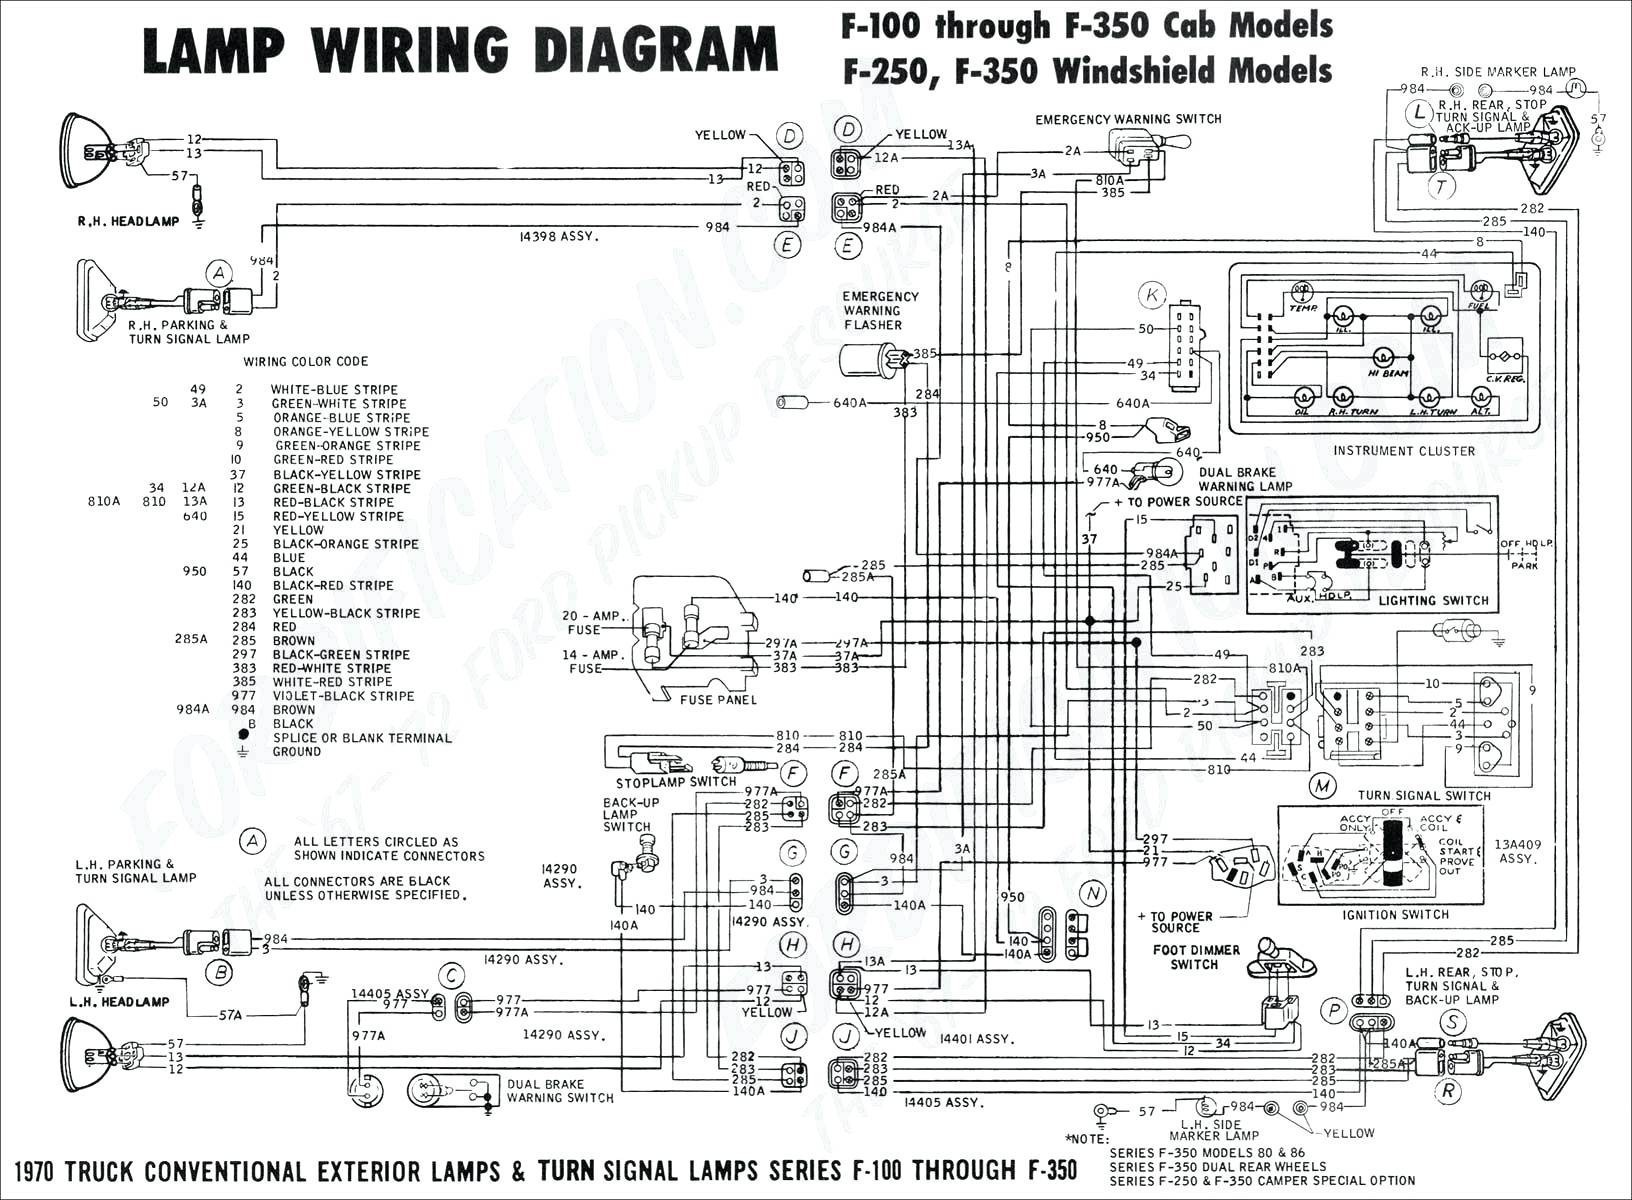 Camper Trailer 12 Volt Wiring Diagram Rv Ke Wiring Diagram Of Camper Trailer 12 Volt Wiring Diagram